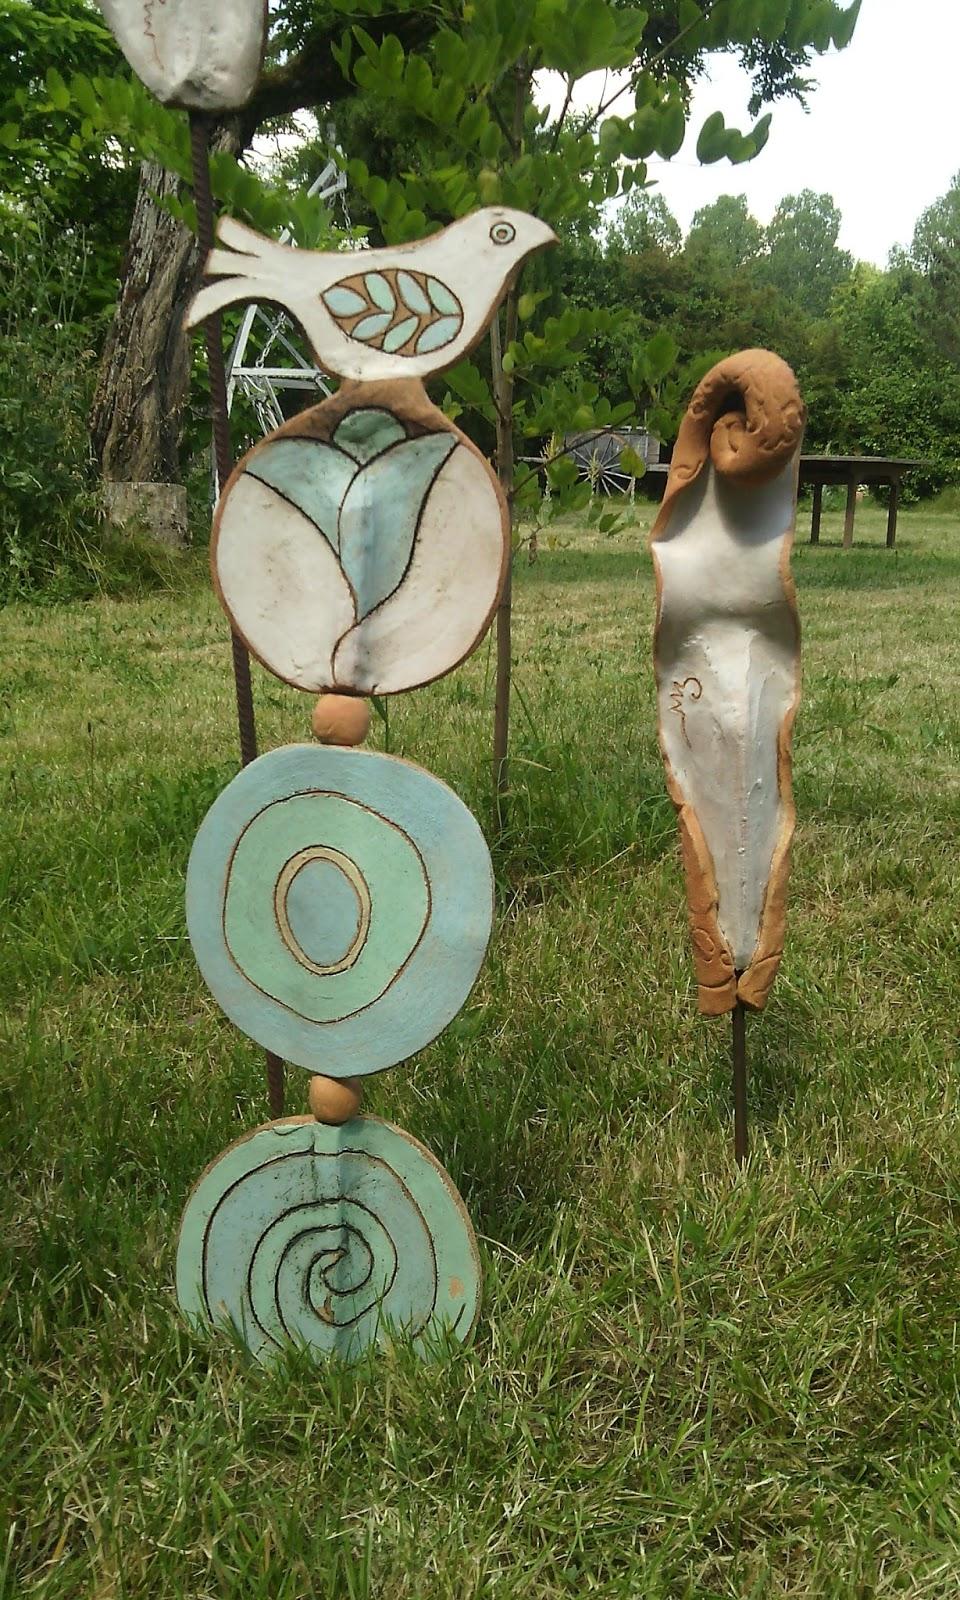 C ramique d 39 art magali mas nouveaut s po sies de jardin - Salon de jardin totem ...